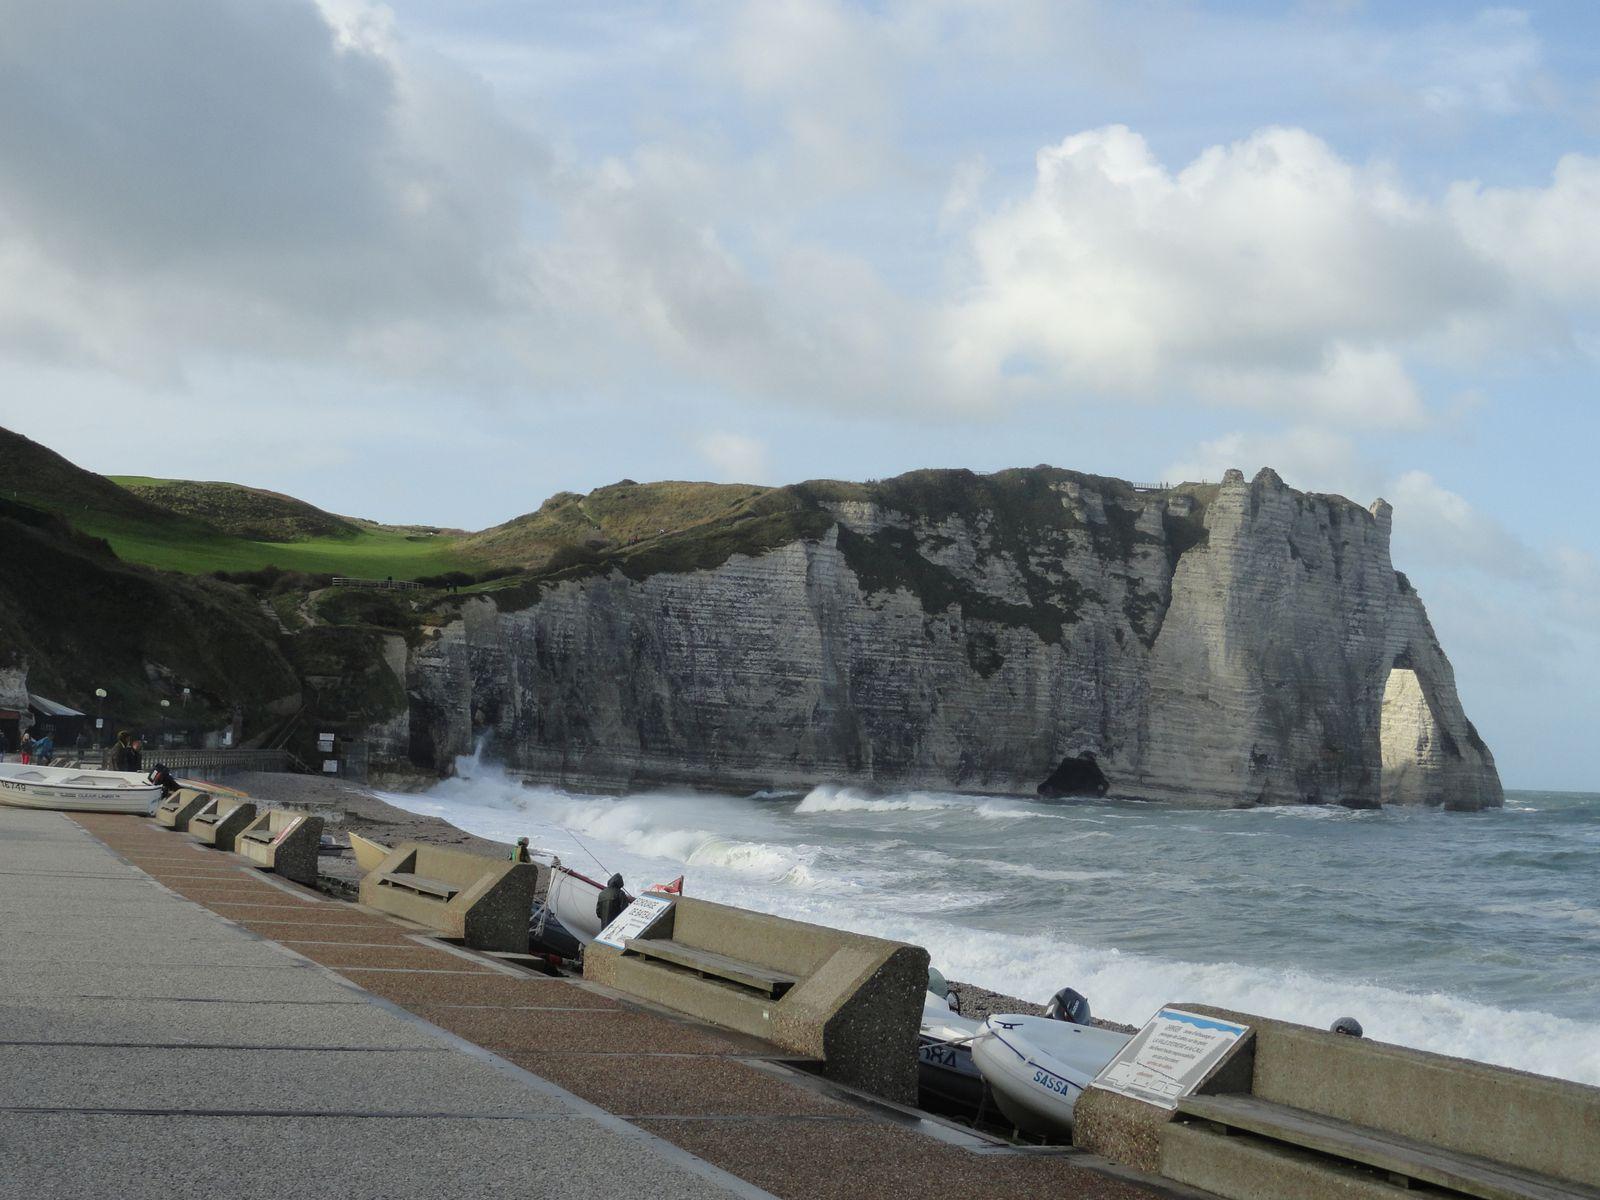 Ces falaises de calcaires datent du crétacé, remontant à plusieurs millions d'années. Elles se sont formées par accumulation, au fond des mers, à partir des coquillages et squelettes des micro-algues et animaux marins. Ces falaises sont présent de la commune du Tréport et vont jusqu'au Havre, elle couvre l'intégralité de la partie maritime de la Seine-Maritime. Des falaises similaires sont présentes sur la façade maritime Sud de L'Angleterre. Le Gr 21 couvre une bonne partie de ces falaises malheureusement, il y a beaucoup de passage qui ne borde pas ces majestueuses falaises. Ci dessus l'arche de la porte d'Aval vu de la plage d'Etretat. Tout droits réservés.